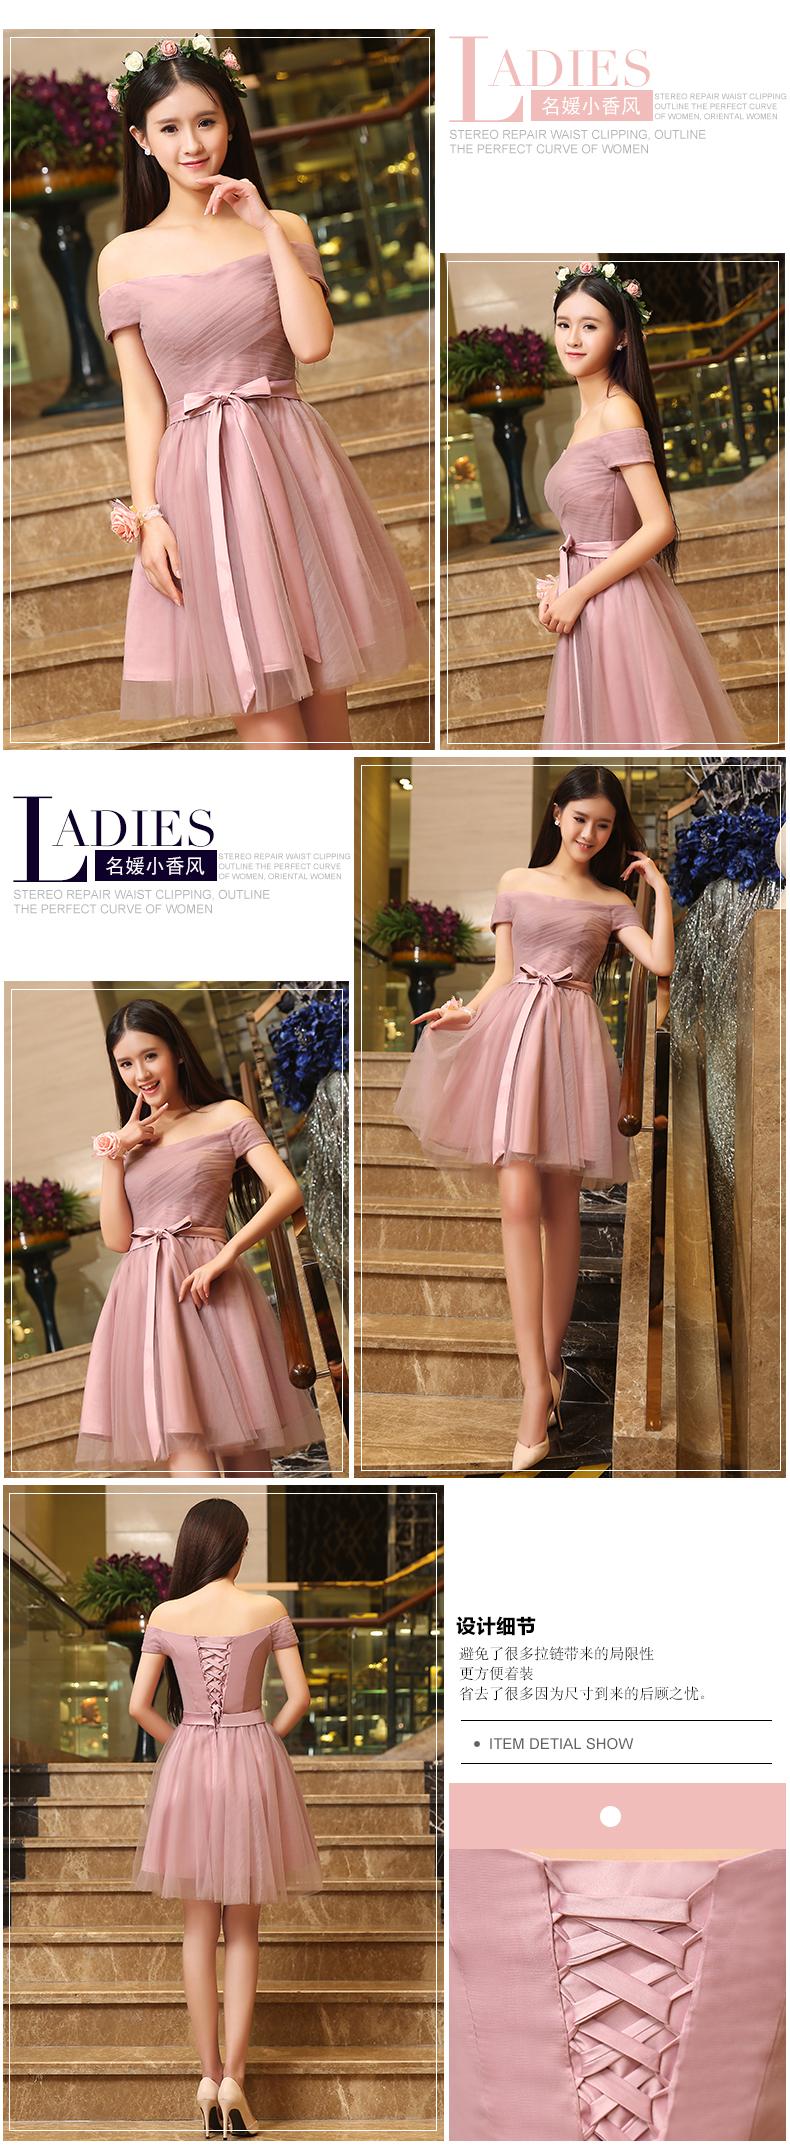 2016 חדש חמות למכירה קוריאנית סגנון חצי שרוול מחוץ כתף שמלת ערב סלים קצר אחות שמלות אירועים Vestidos דה פיאסטה